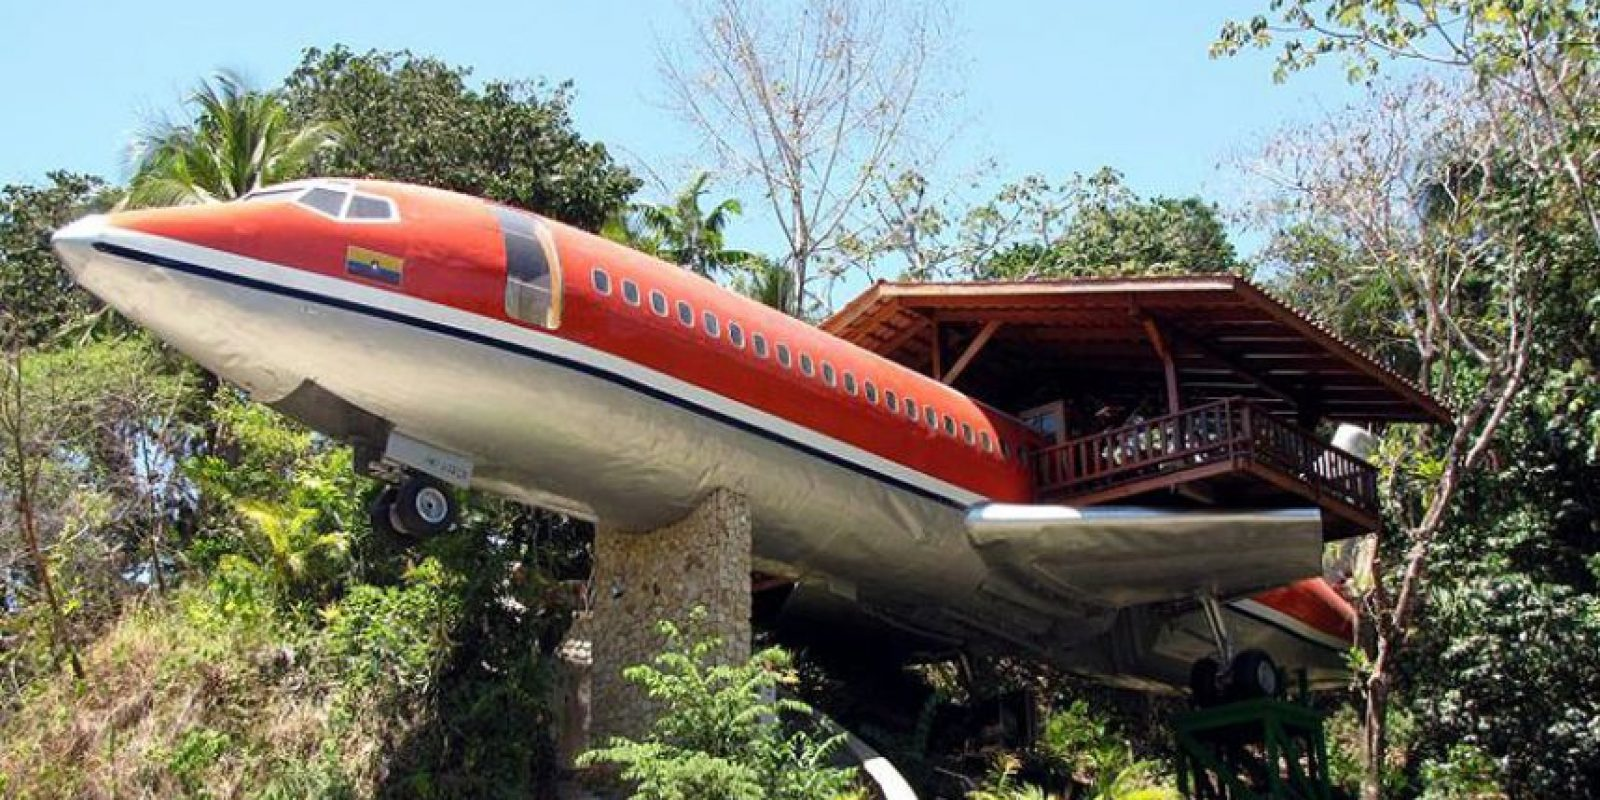 Aunque no es del todo una casa en el árbol, este Boeing 727 estilo vintage fue comprado originalmente por Joanne Ussary por $ 2,000.00. Le costó $ 4,000.00 para mover el avión y $ 24,000.00 paratransformarlo en esta Executive Suite 727 casa del árbol. Un jacuzzi en la cabina del piloto es sólo una de las ideas interesantes que tenía para su nuevo hogar! Foto:architecturendesign.net